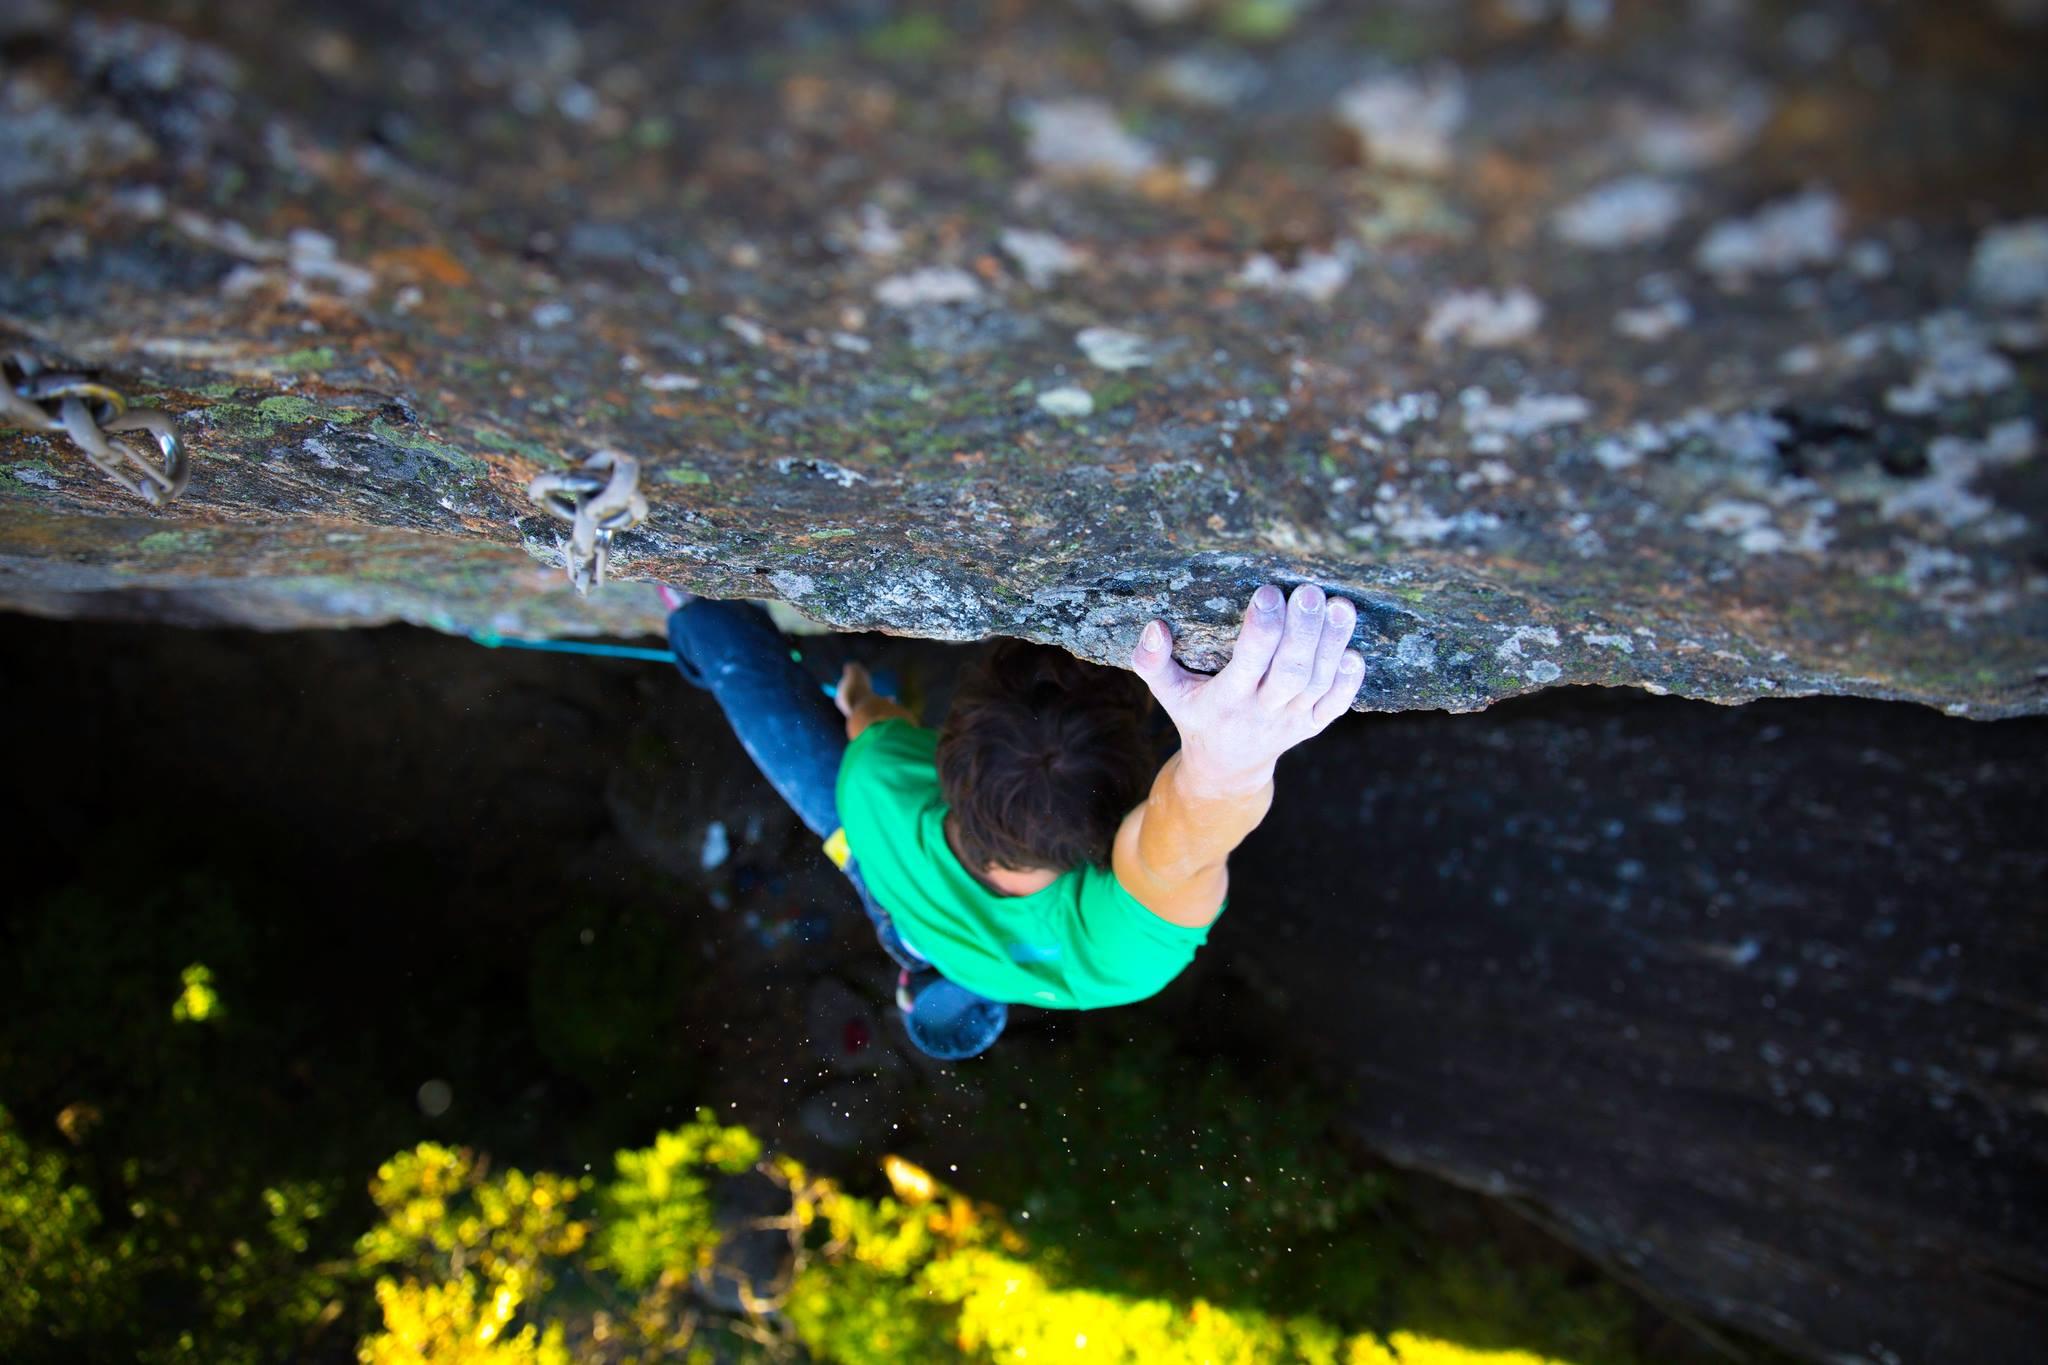 Skader innen klatring